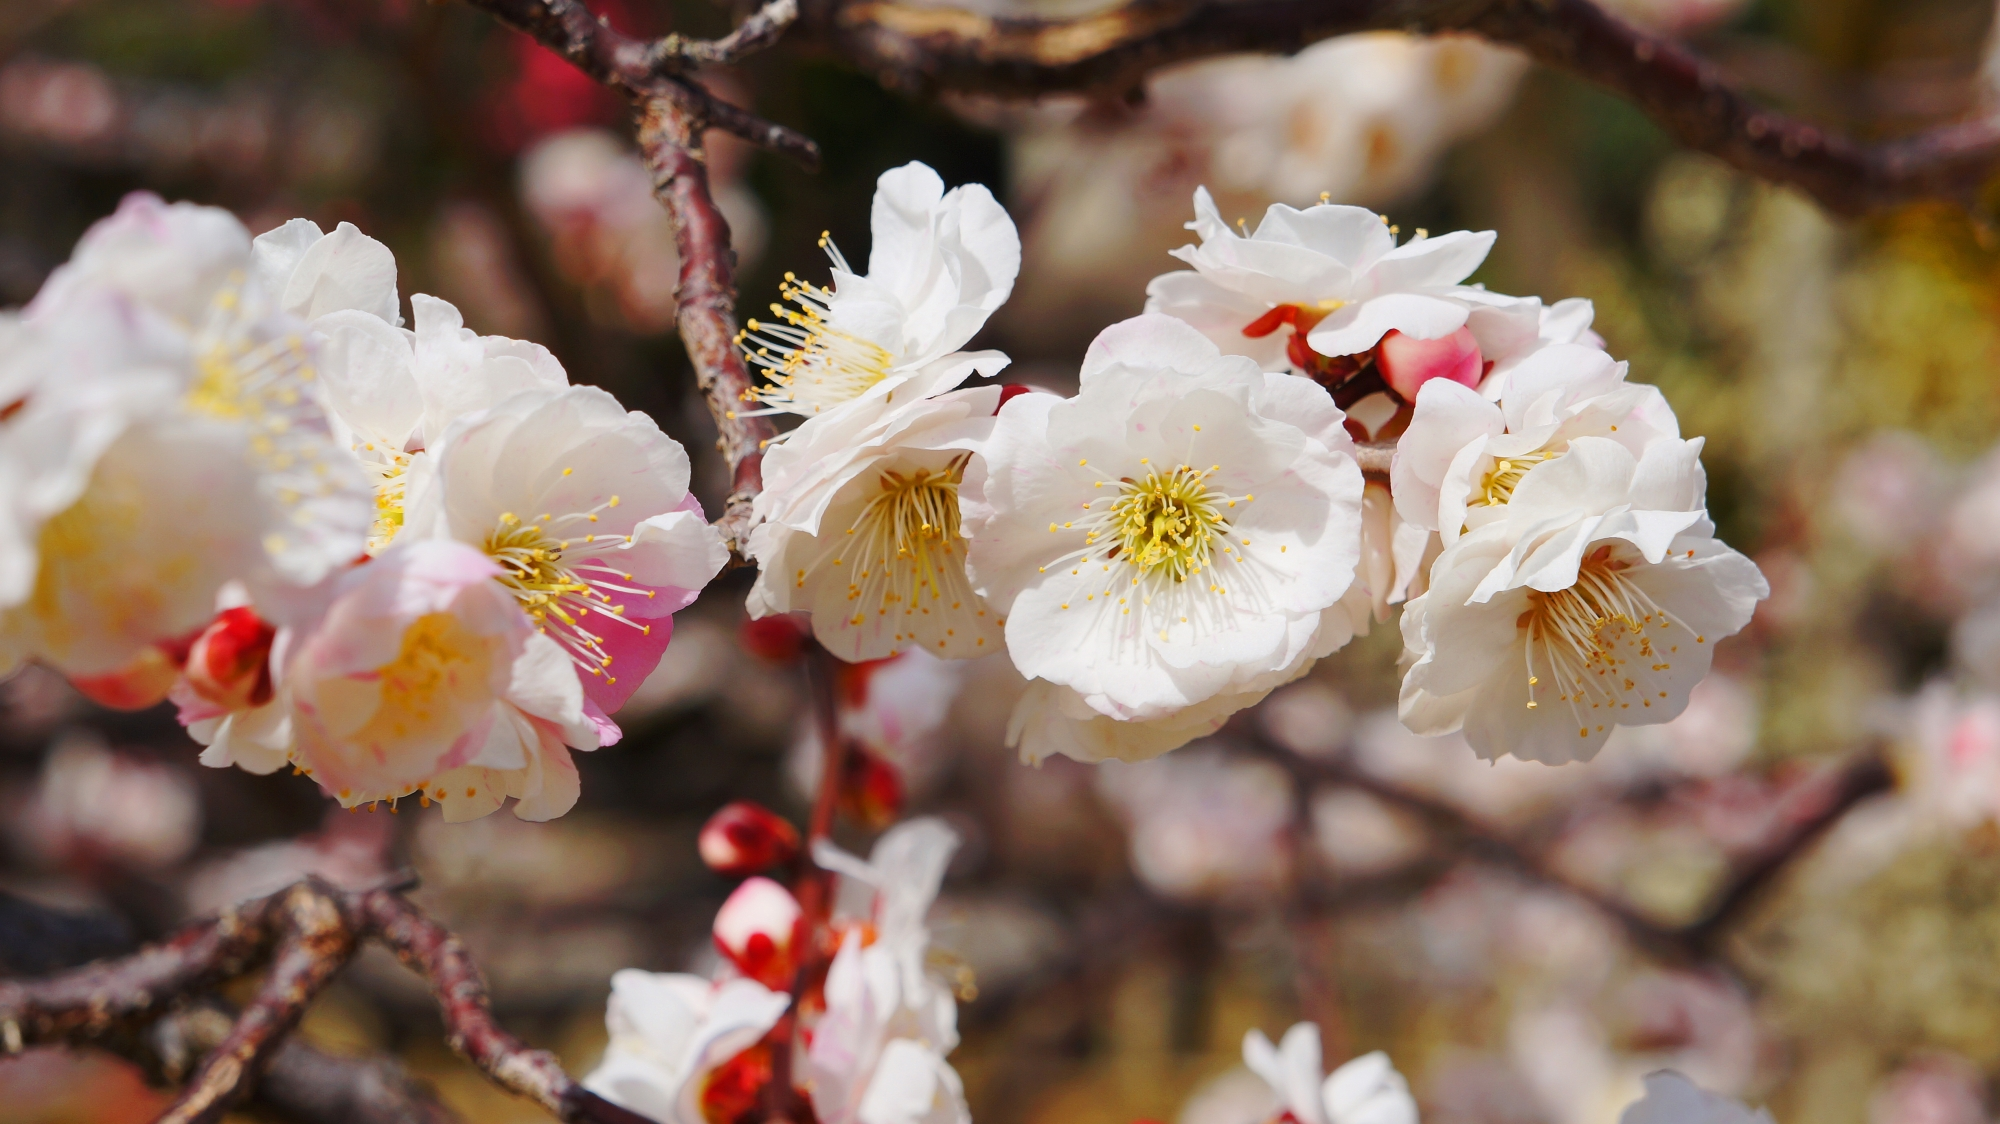 枝に所狭し咲く梅の花